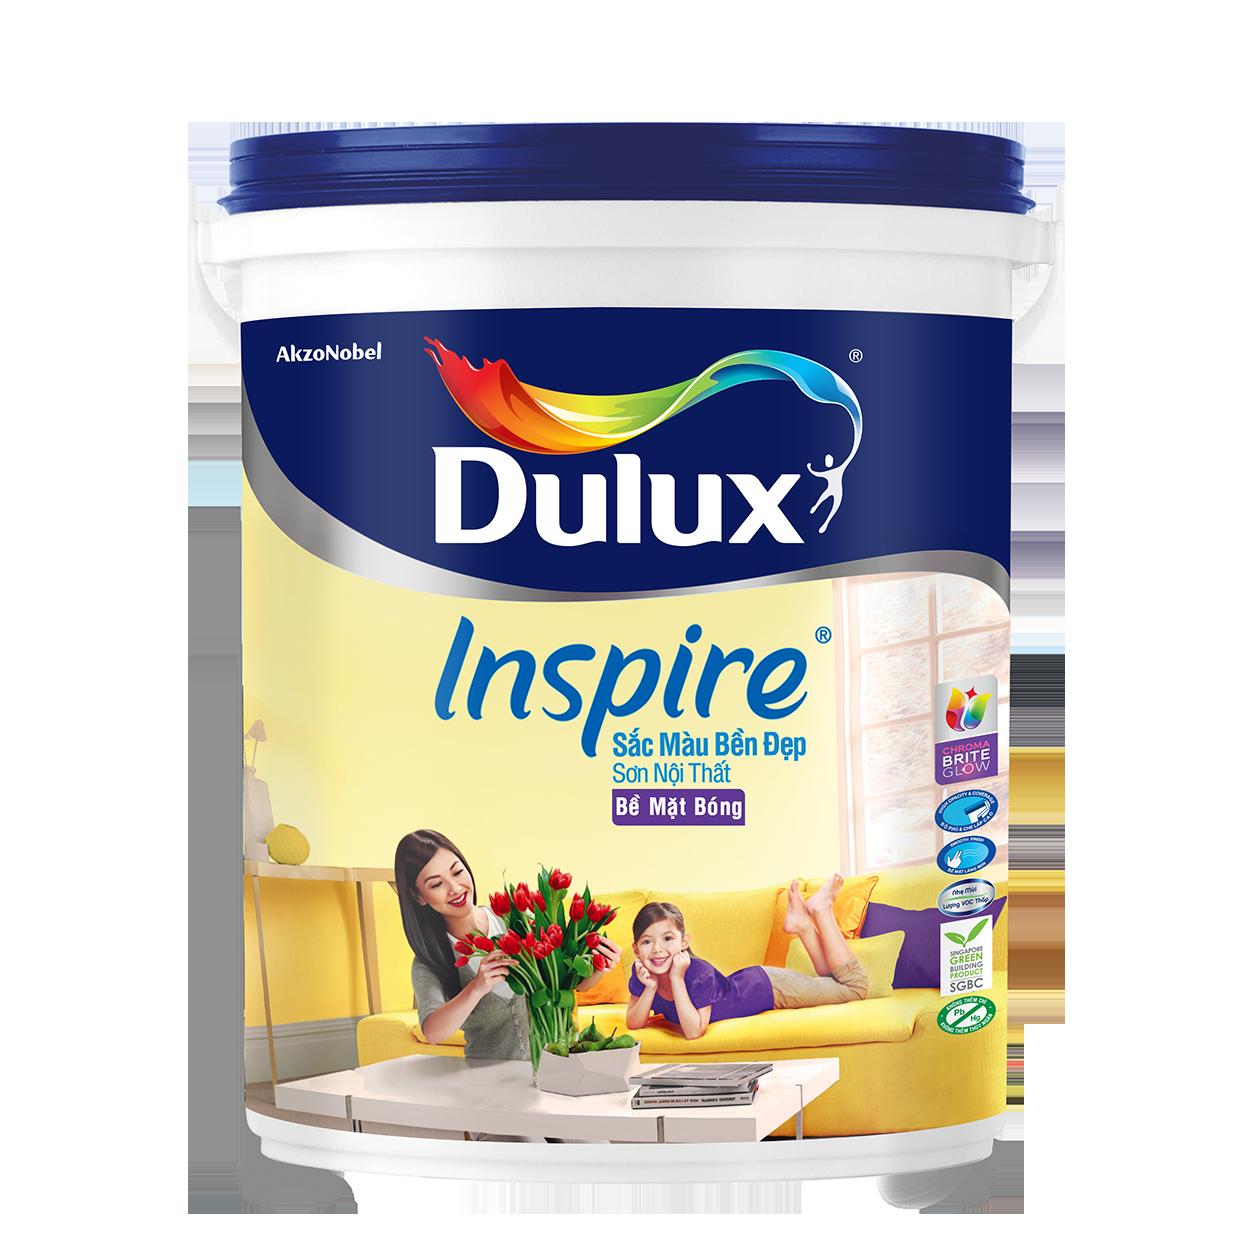 Dulux Inspire Nội Thất Sắc Màu Bền Đẹp Bề Mặt Bóng